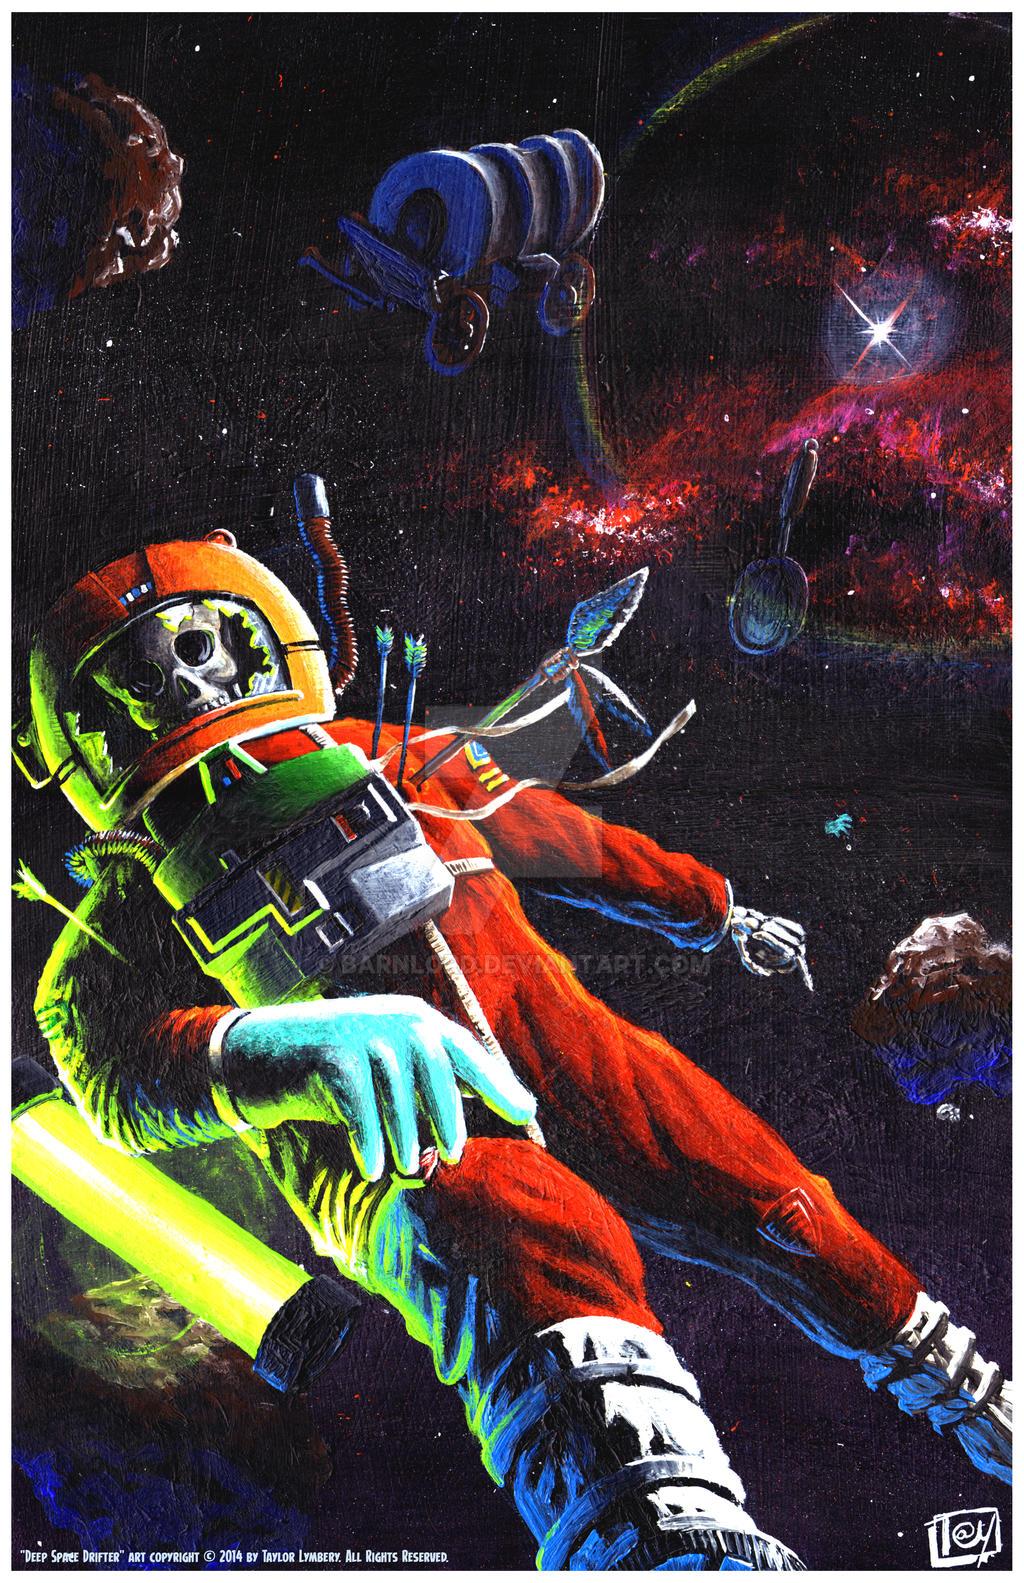 Deep Space Drifter